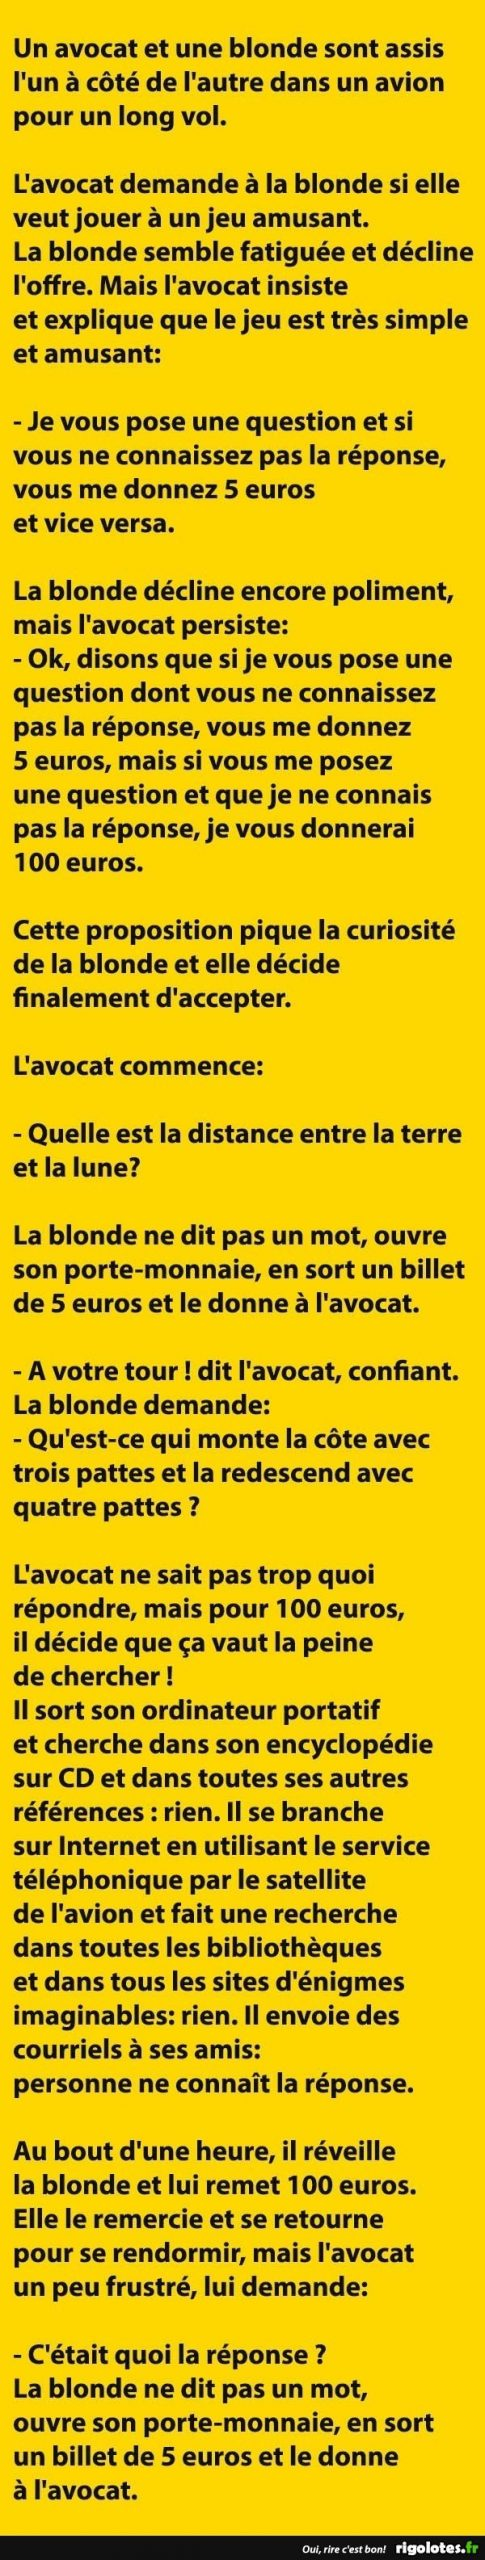 Images Drôles Francais (Imagesdrolesfr) On Pinterest tout Un Mot Pour Quatre Images